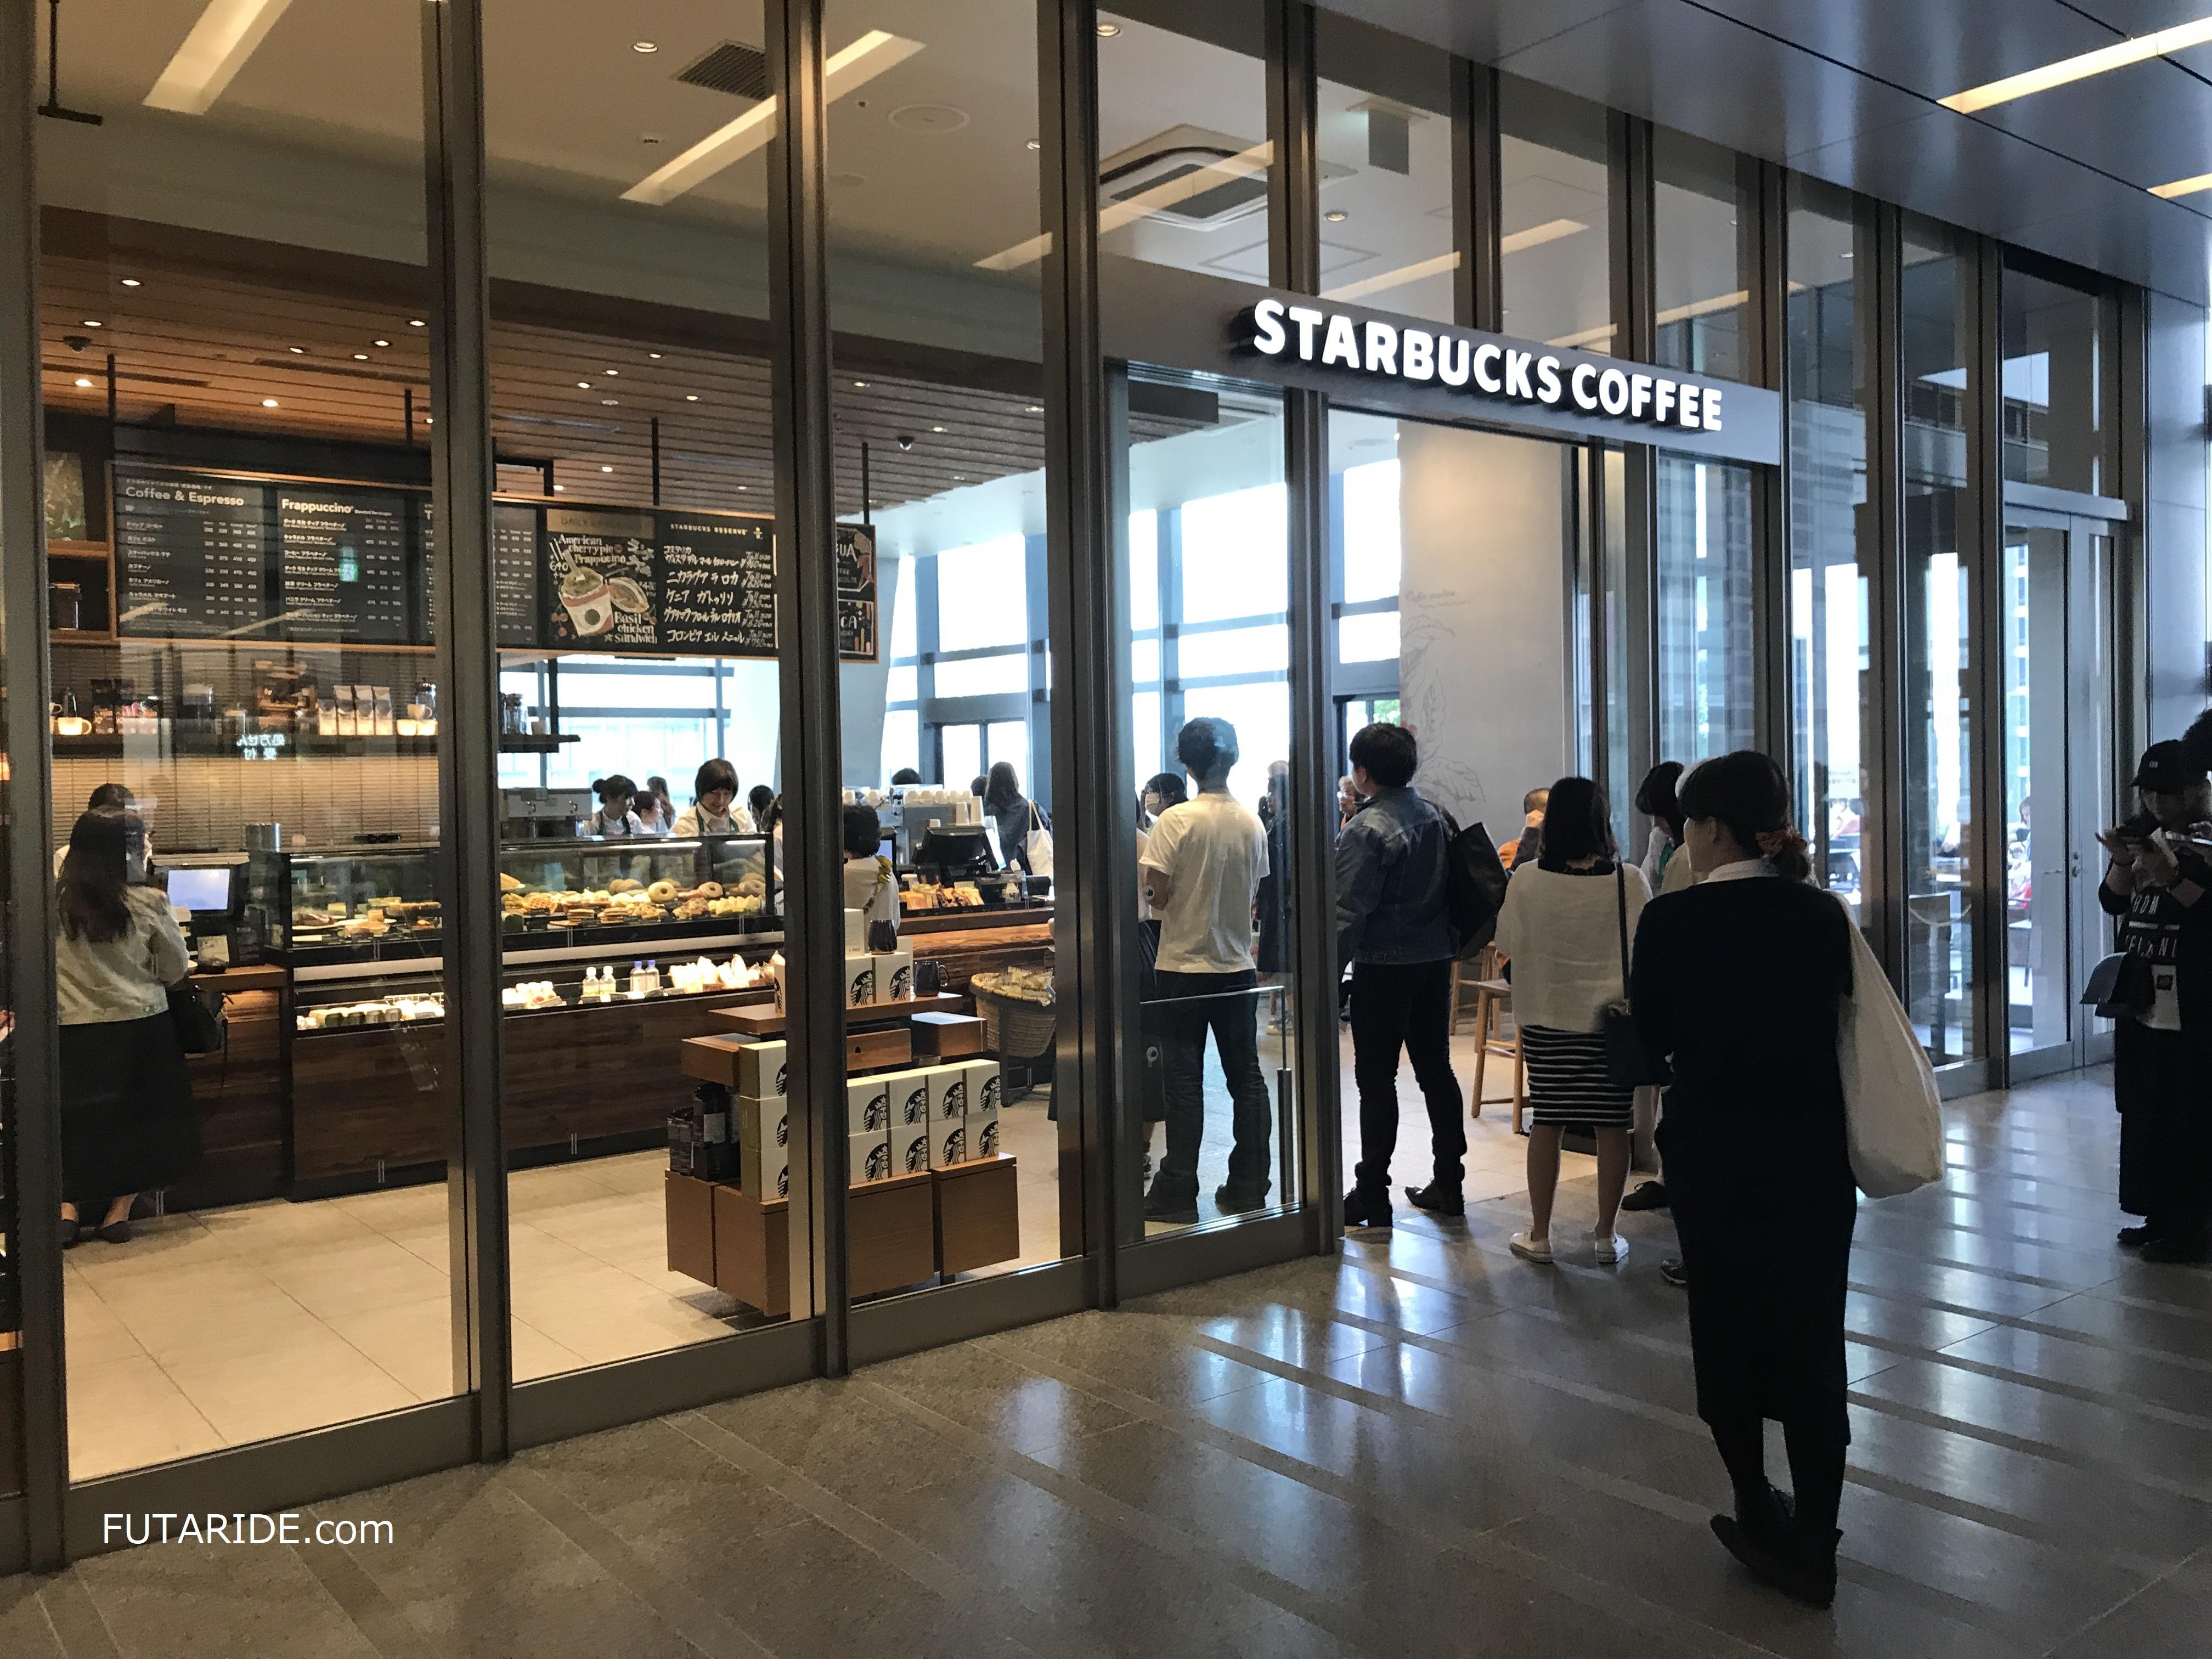 【名駅カフェデート】日本一高い場所にあるスターバックスはデートにもオススメ!【名古屋駅ゲートタワー】